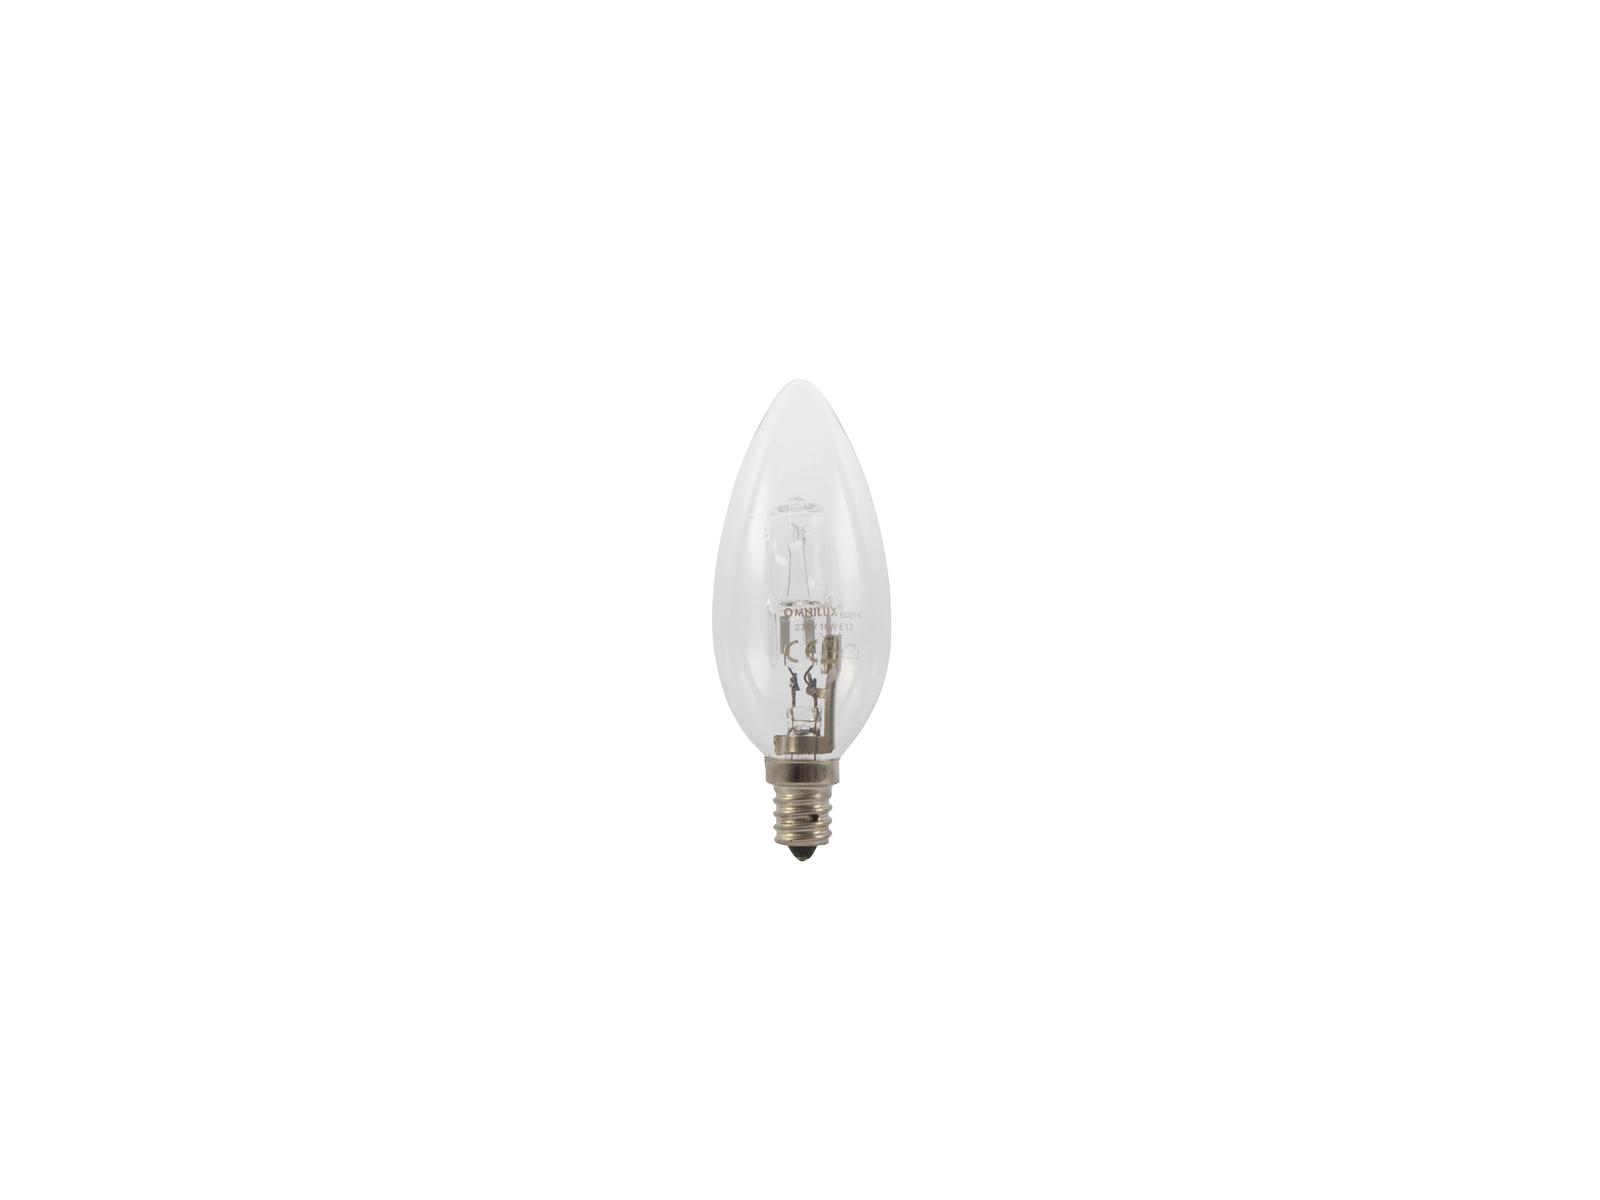 OMNILUX 230V/18W E-12 Kerzenlampe clear H